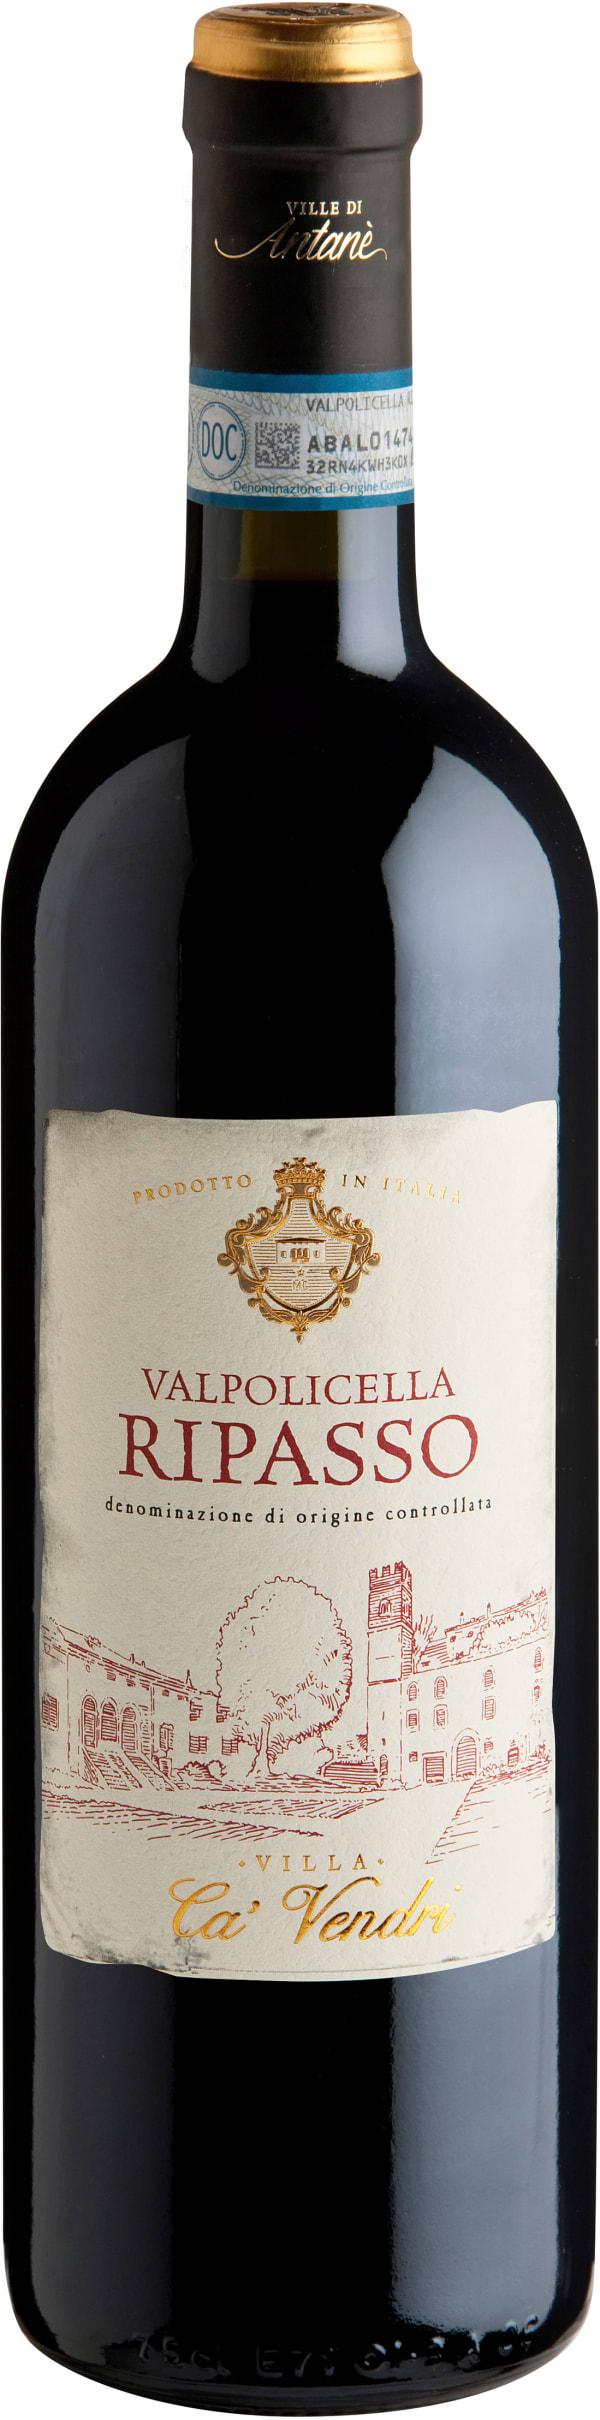 Valpolicella Ripasso Ca´Vendri 2017